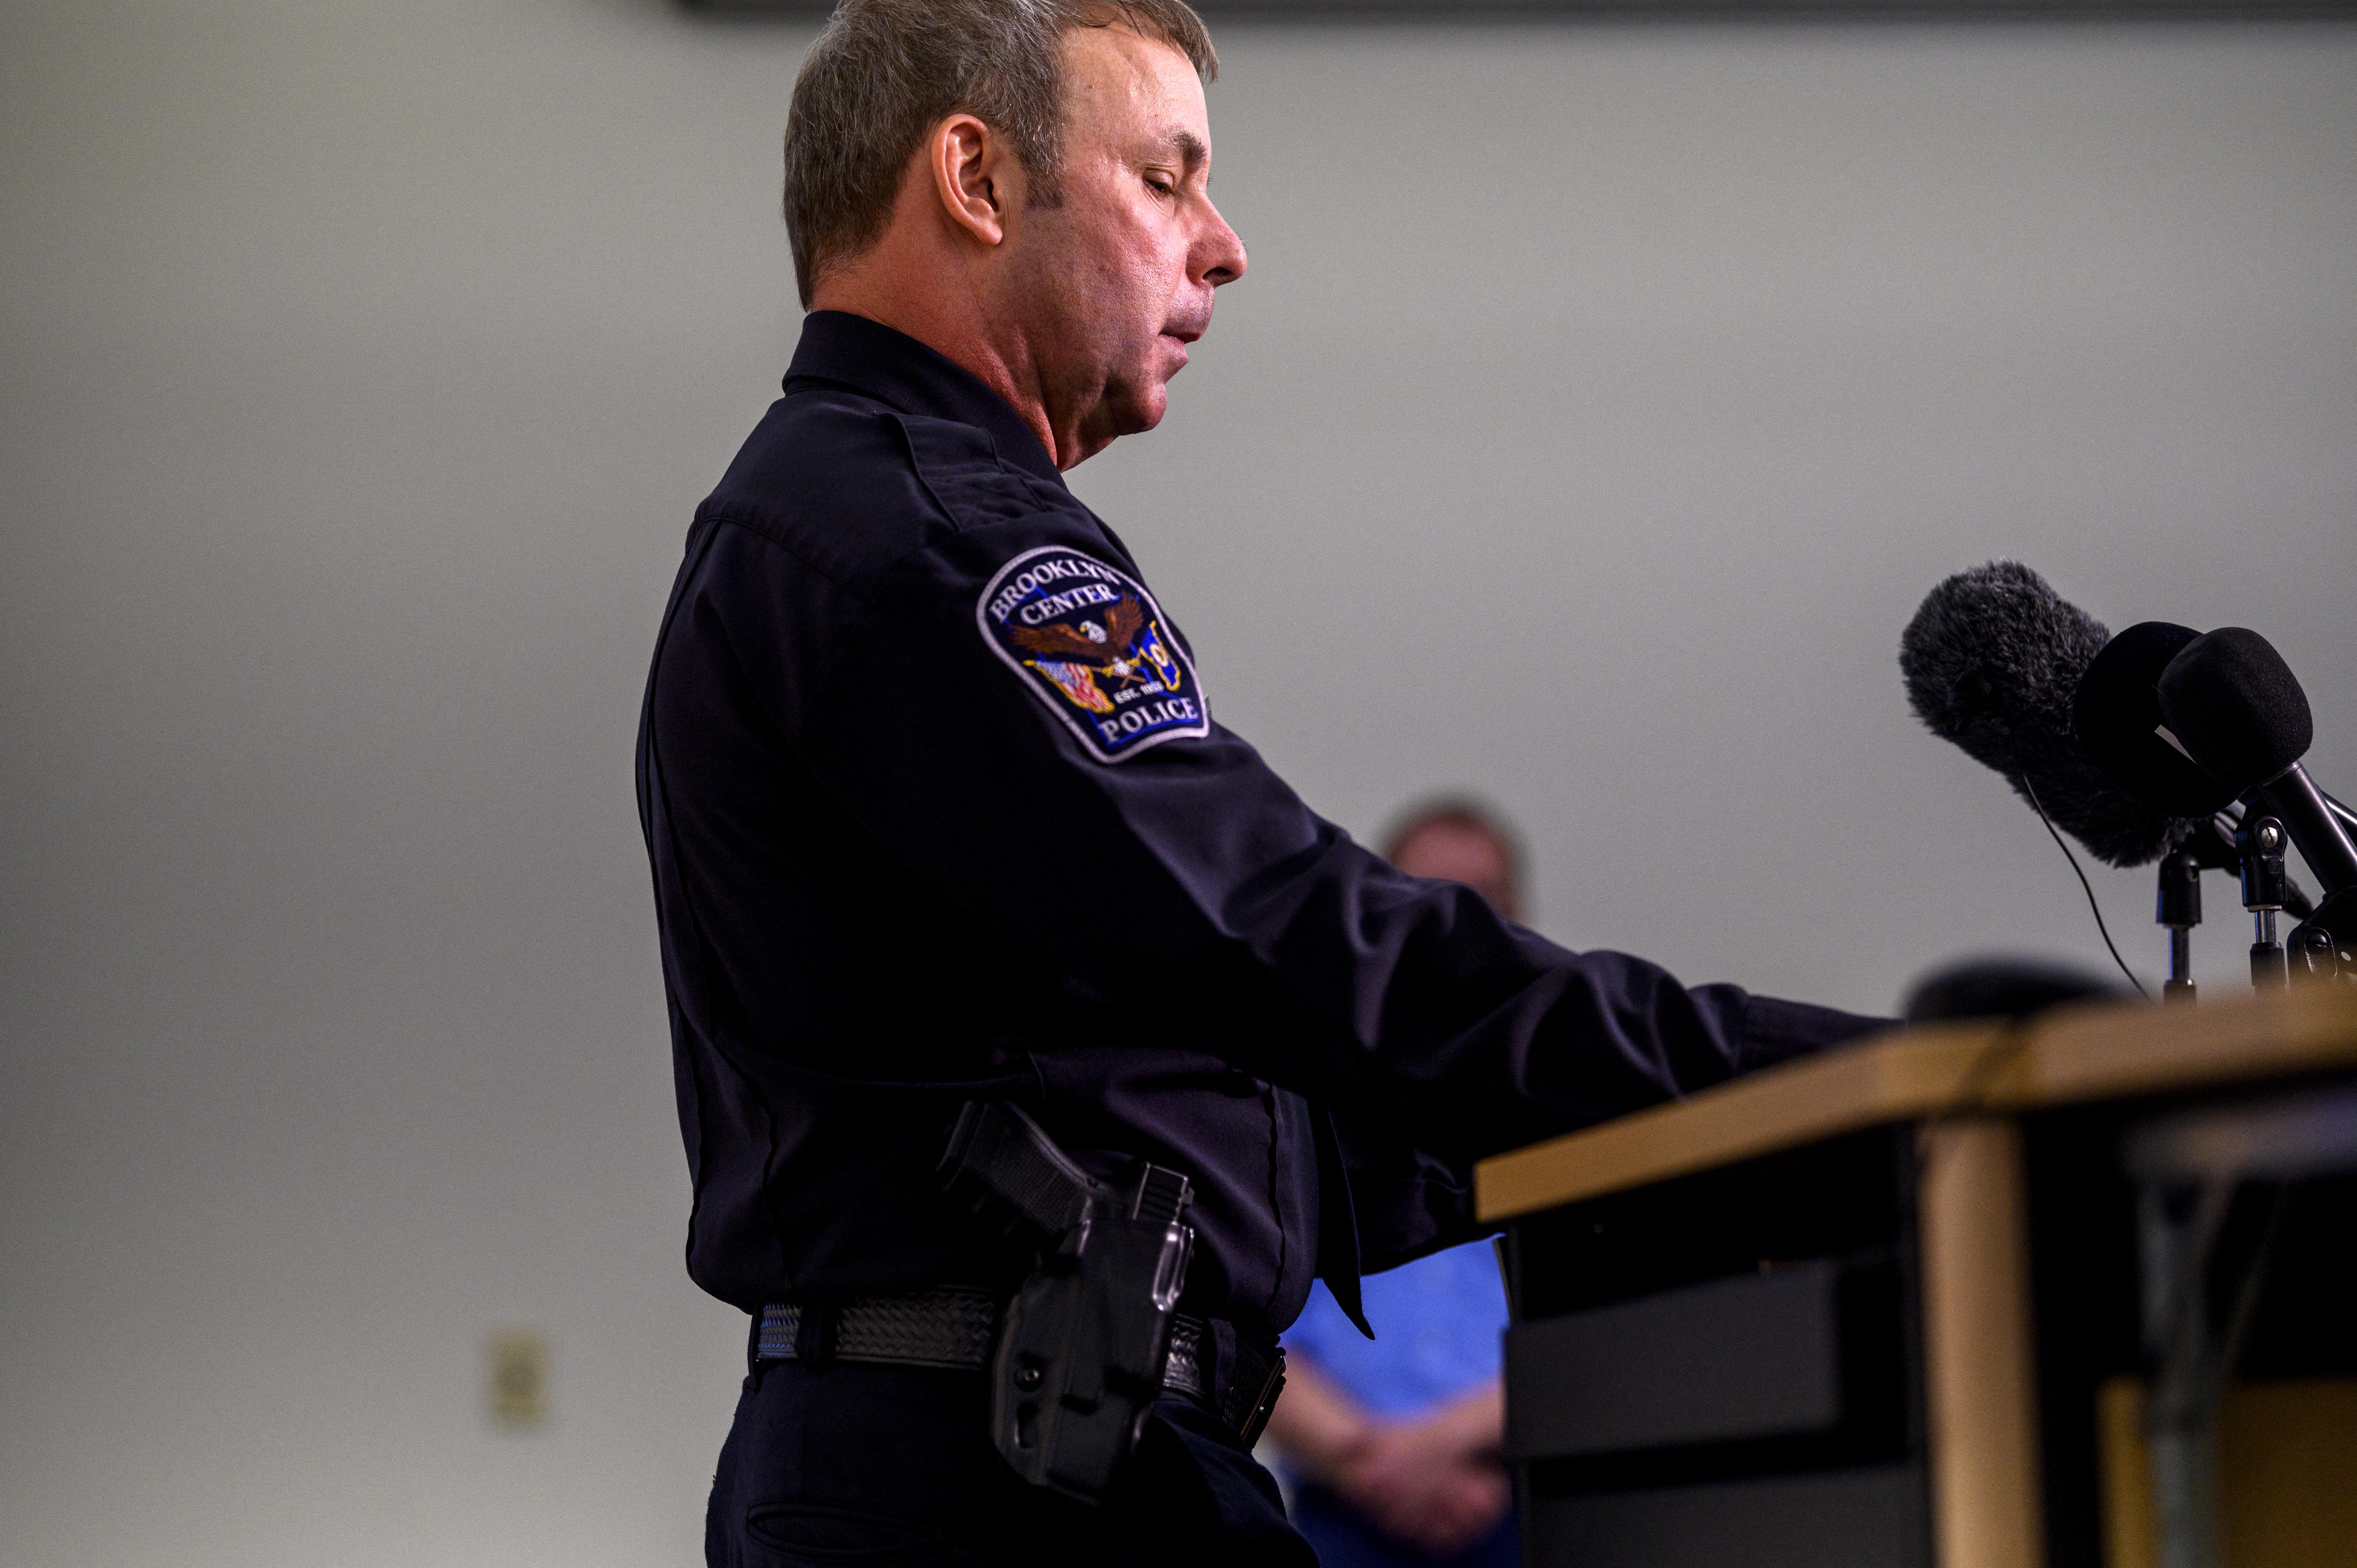 Lemondott Minnesotában a rendőrkapitány és a rendőr is, aki vasárnap lelőtt egy fekete férfit